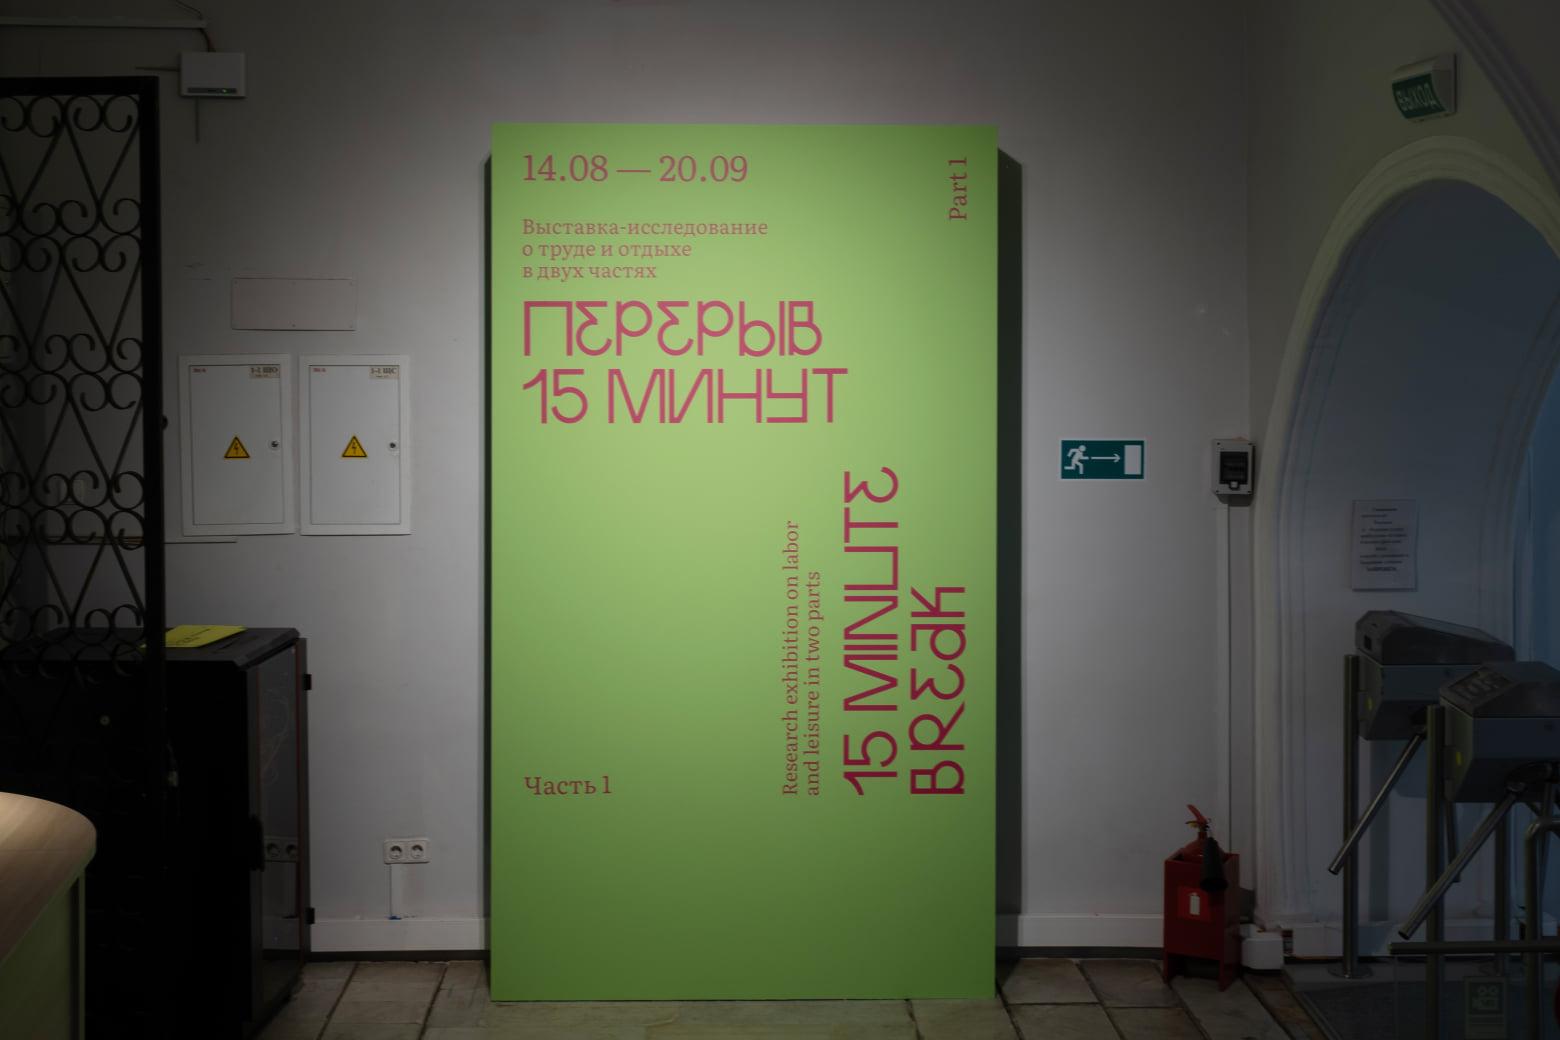 Выставка «Перерыв 15 минут. Часть 1». Фотографии Research Arts (2020)